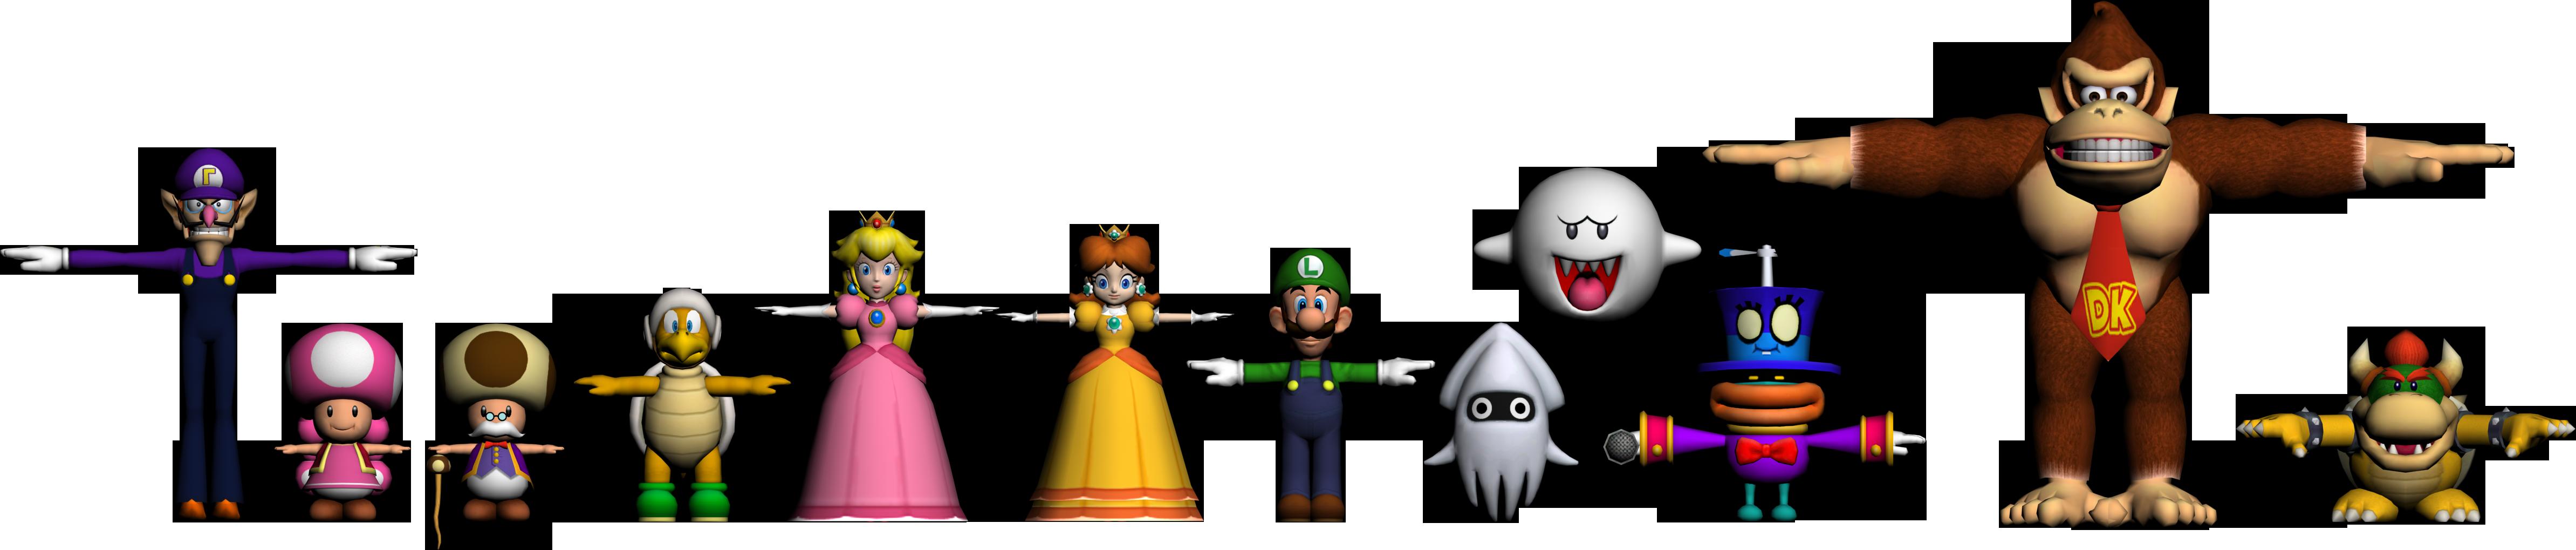 Mario Party model render by Luigimariogmod on DeviantArt